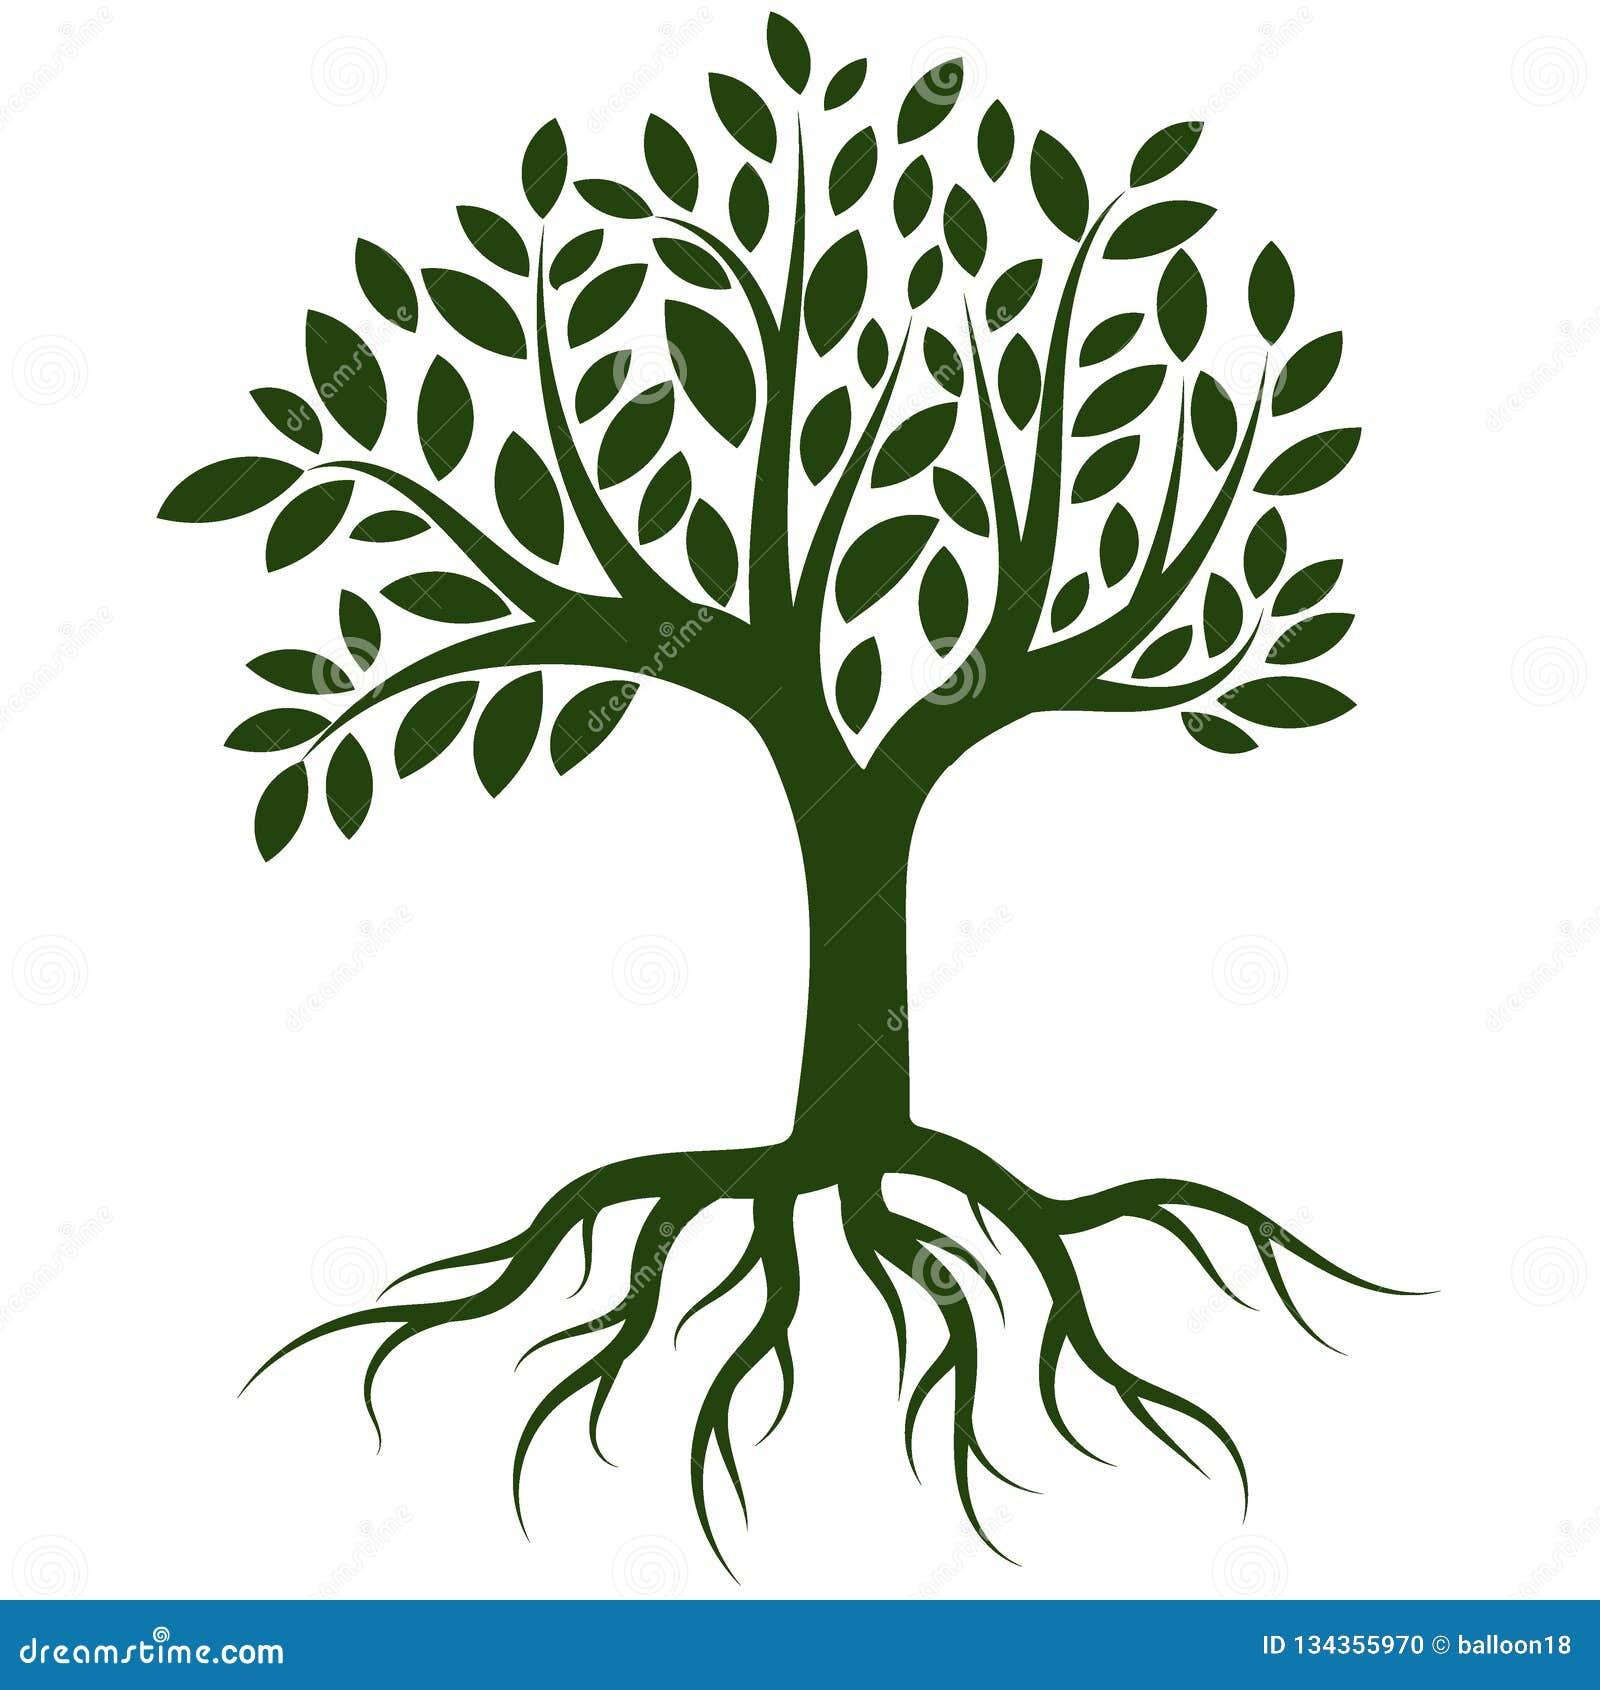 Vetor do logotipo das raizes da árvore